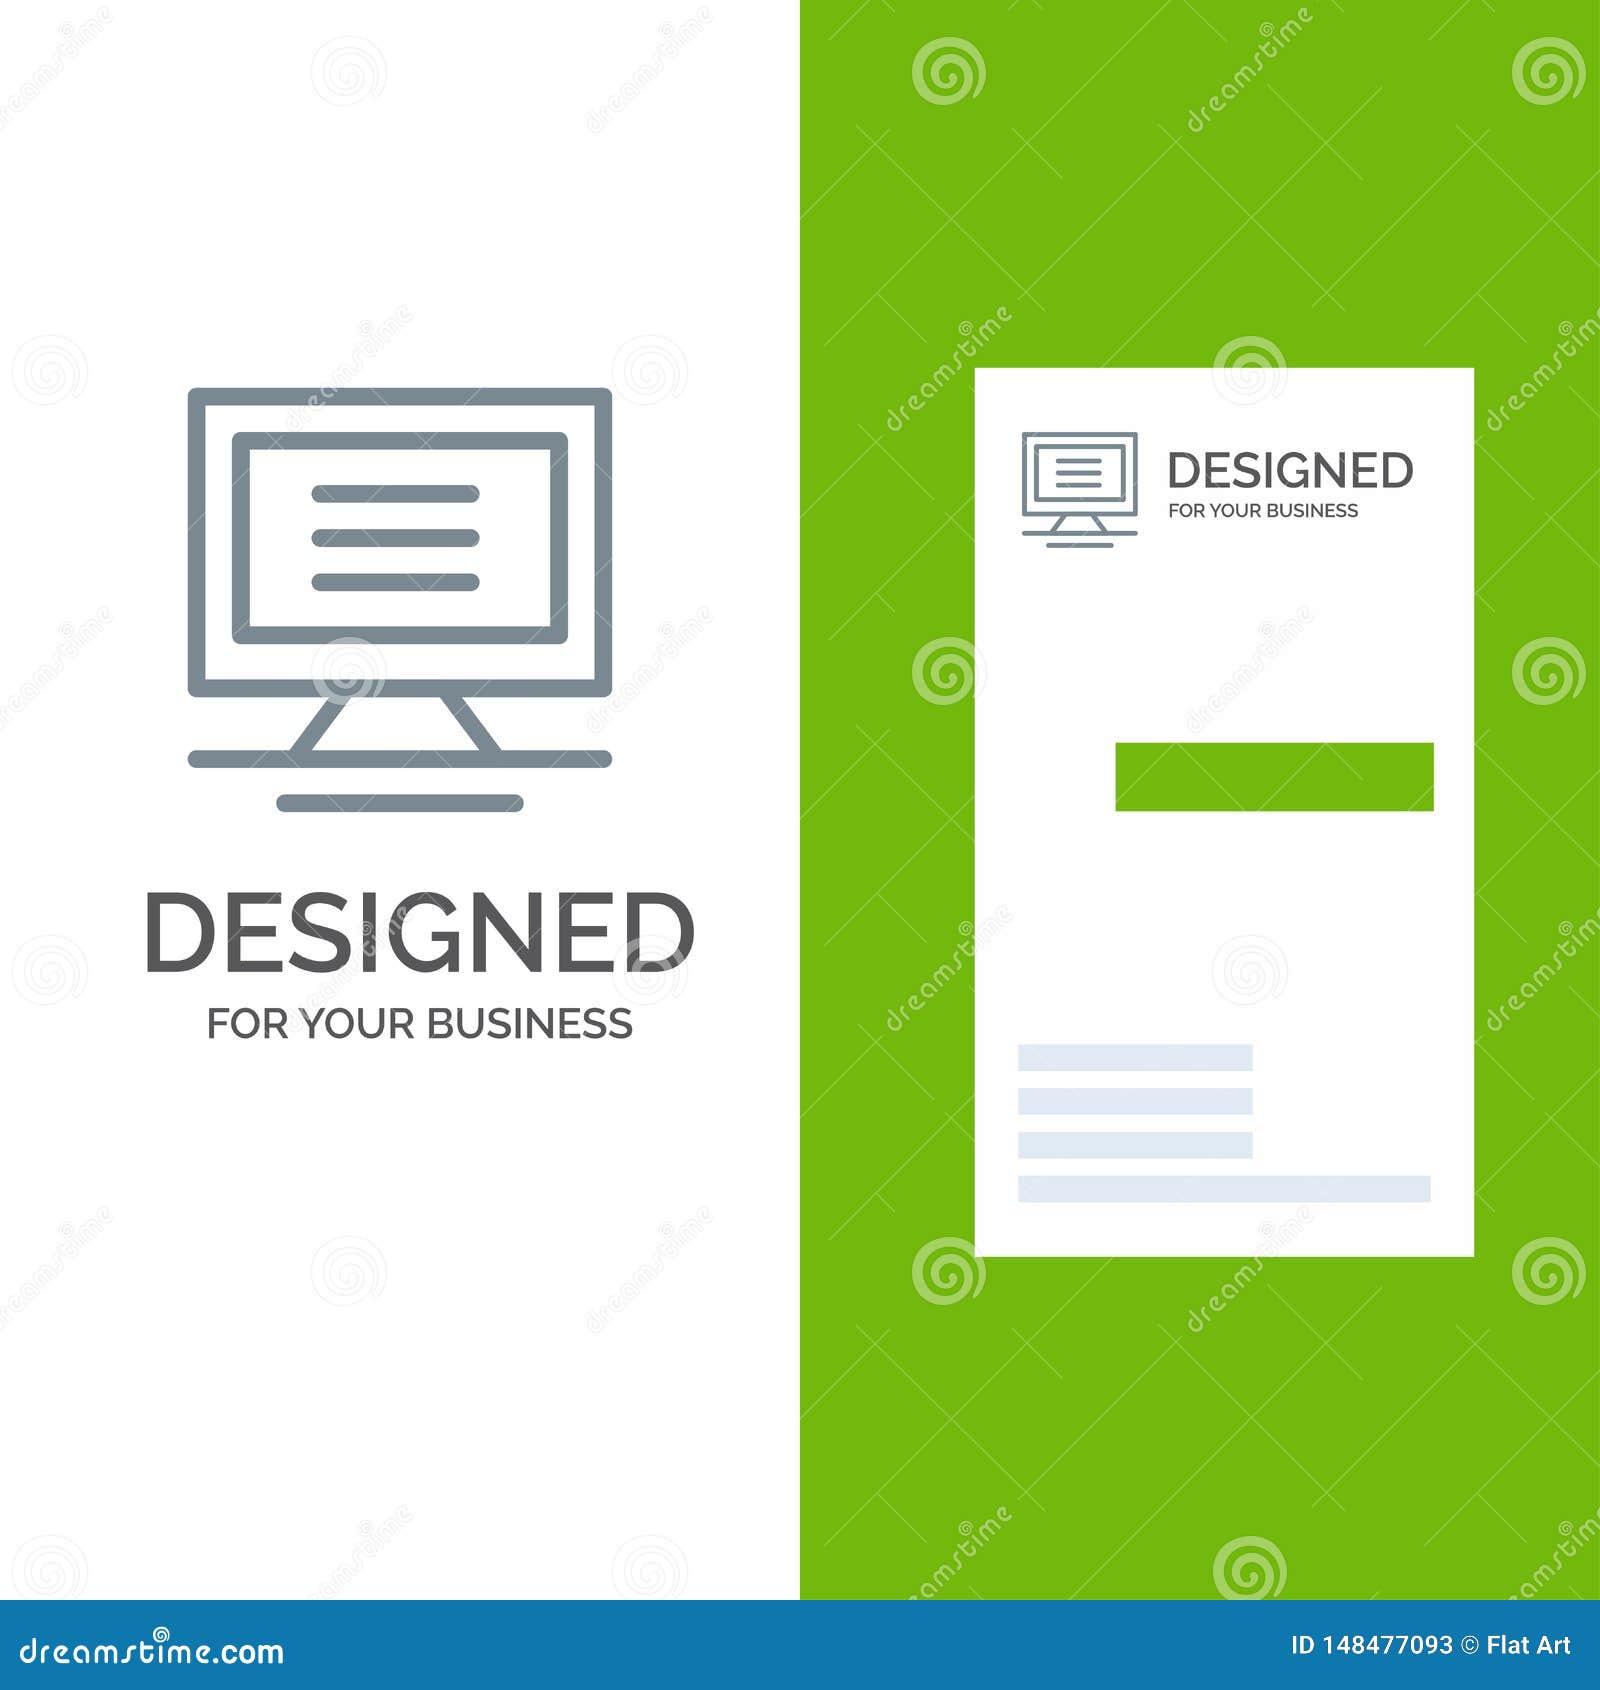 Όργανο ελέγχου, υπολογιστής, γκρίζο σχέδιο λογότυπων υλικού και πρότυπο επαγγελματικών καρτών